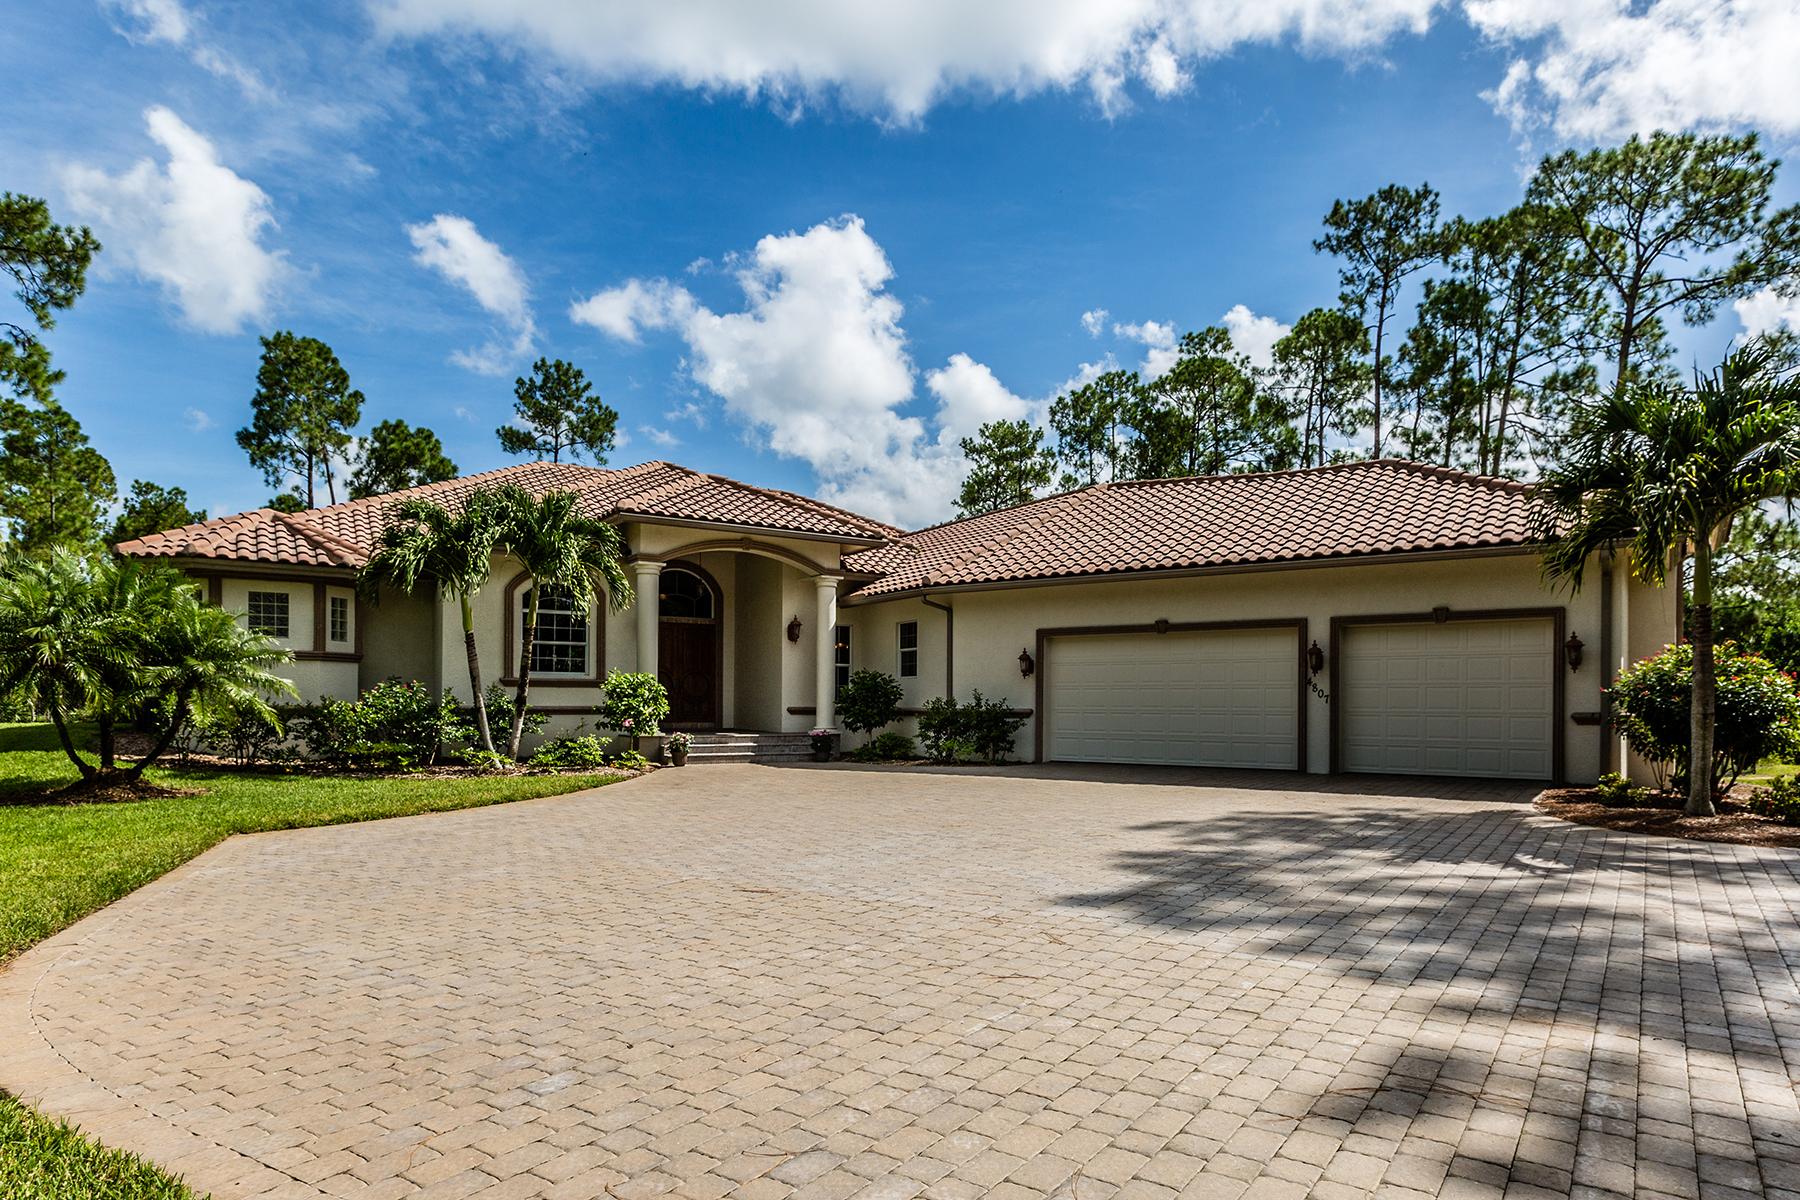 단독 가정 주택 용 매매 에 LOGAN WOODS 4807 Palmetto Woods Dr Naples, 플로리다, 34119 미국